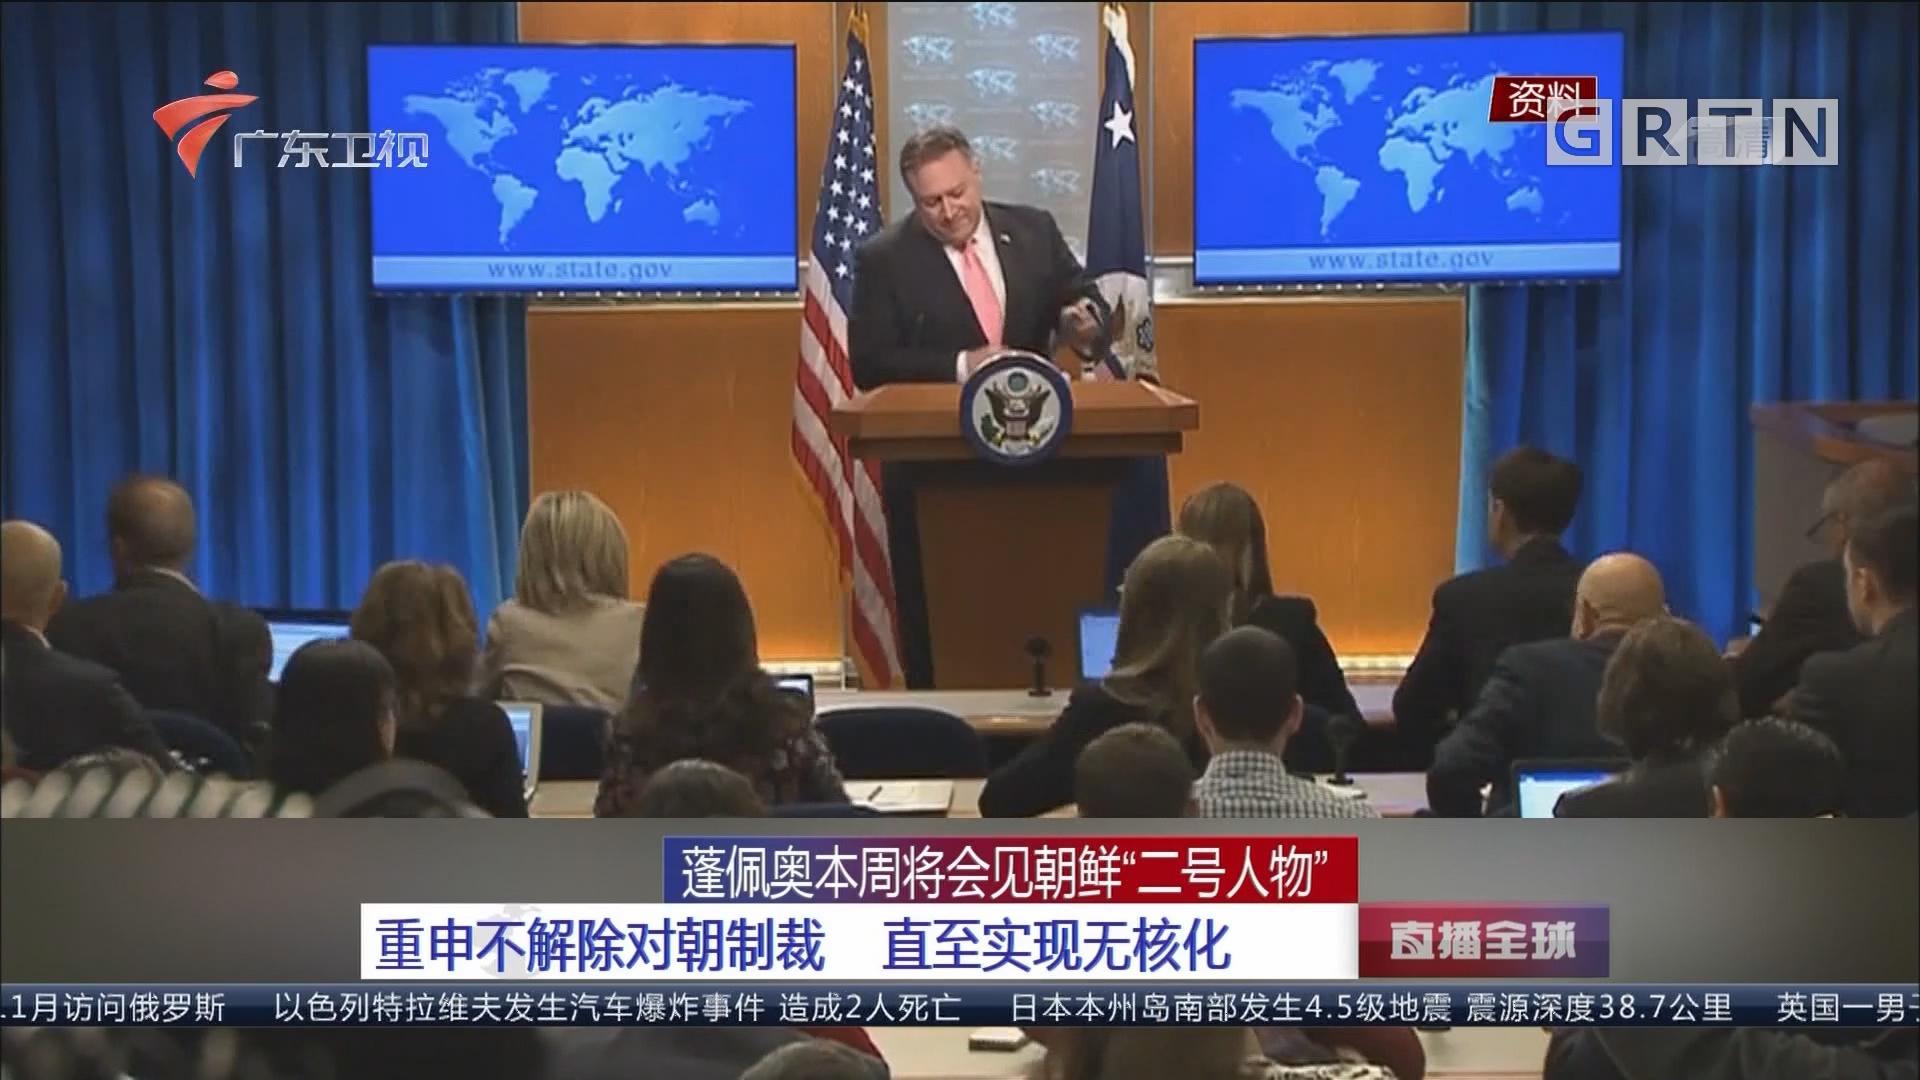 """蓬佩奥本周将会见朝鲜""""二号人物"""":重申不解除对朝制裁 直至实现无核化"""